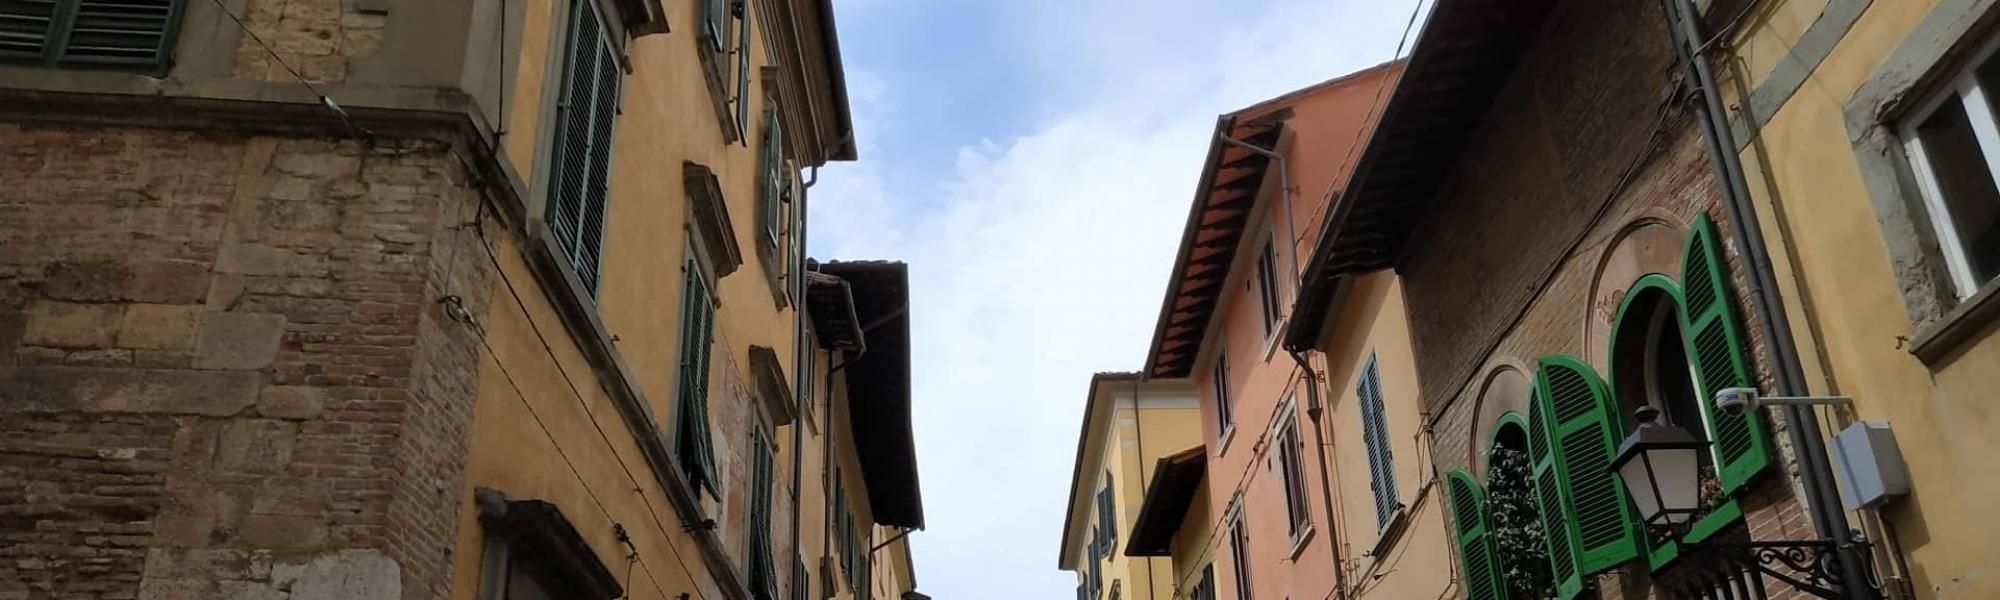 Scorcio Via San Martino